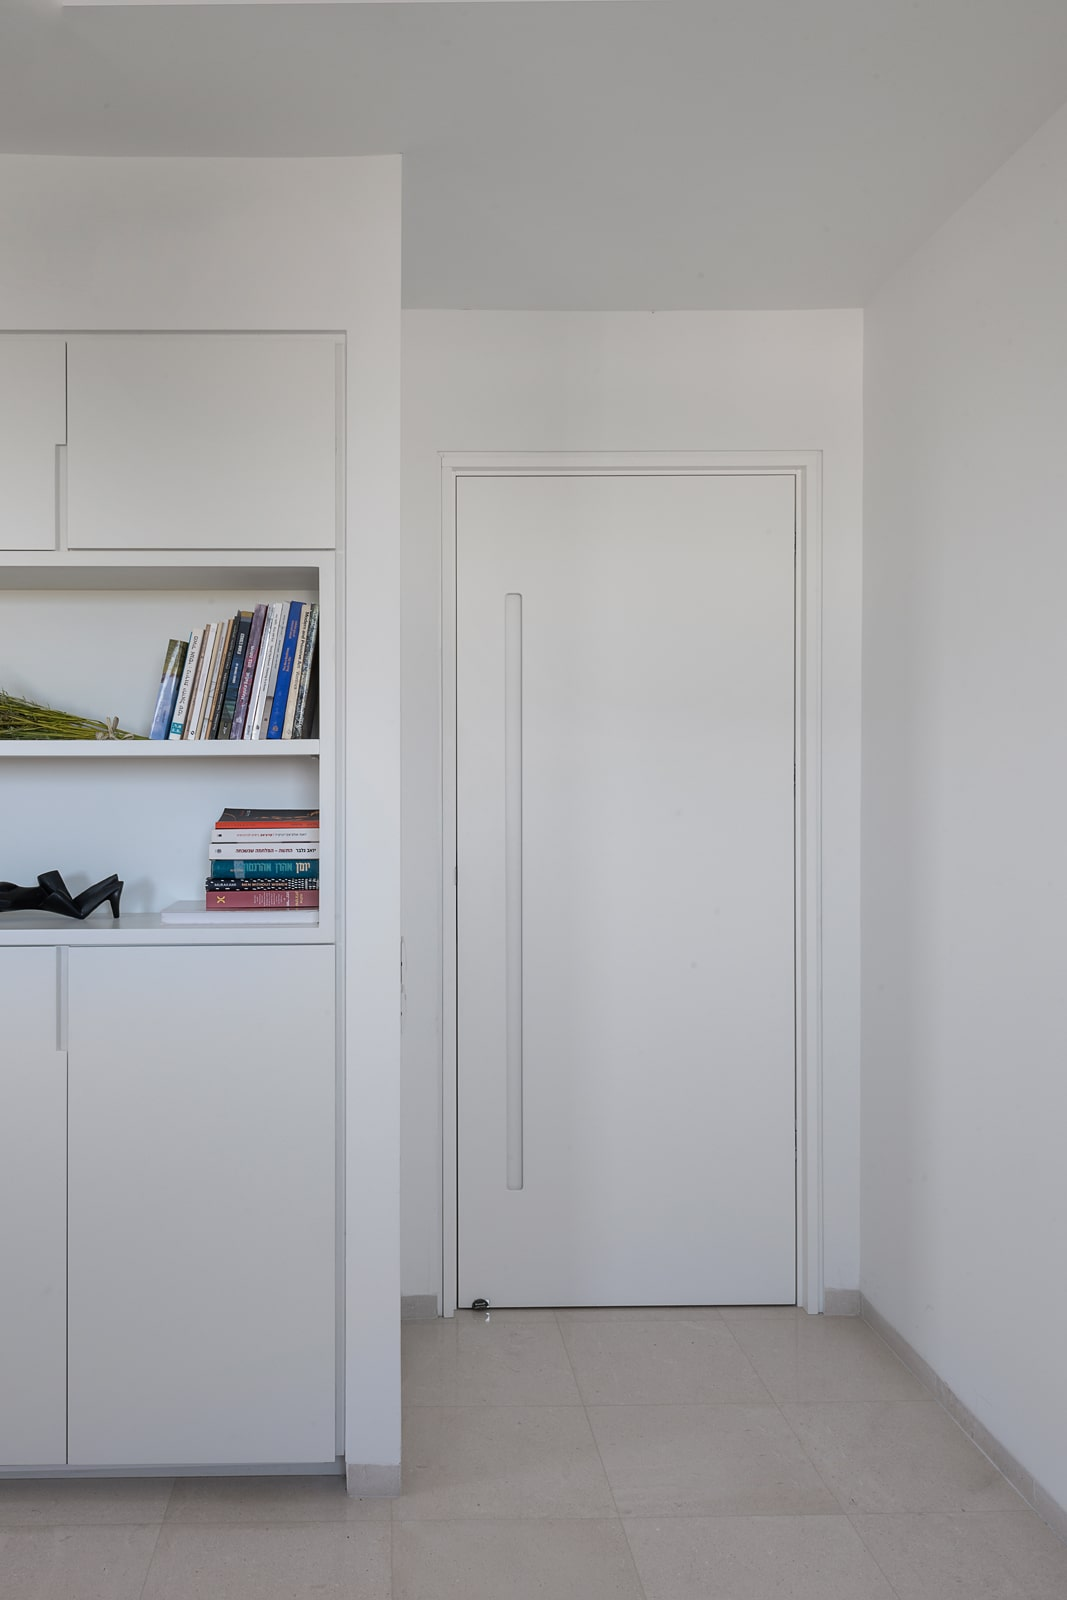 דלת כניסה לחדר ידית אינטגרלית